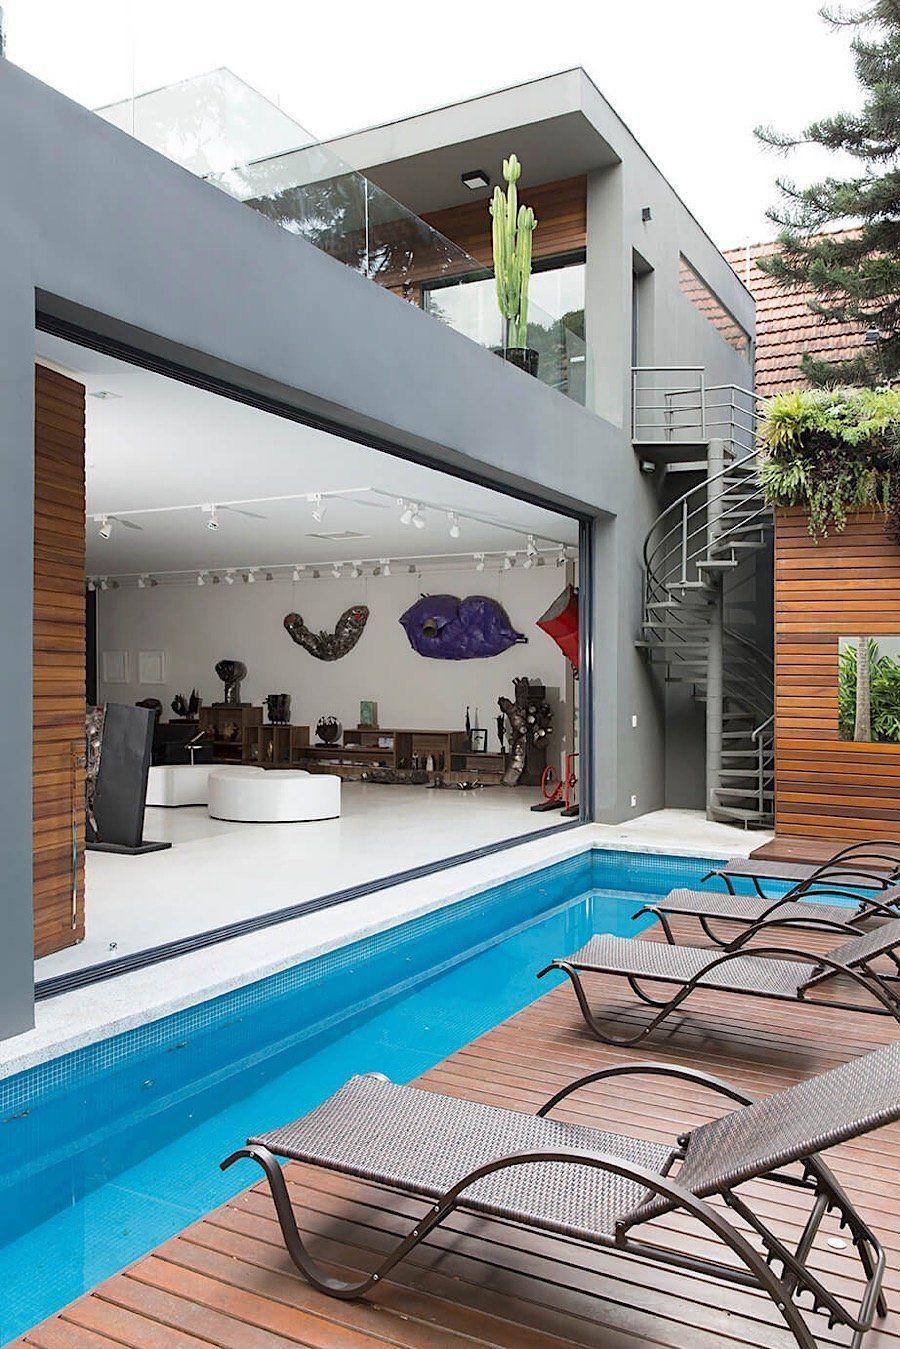 das haus von bildhauer cacipor torres wenn sich k nstler wie der brasilianische bildhauer. Black Bedroom Furniture Sets. Home Design Ideas